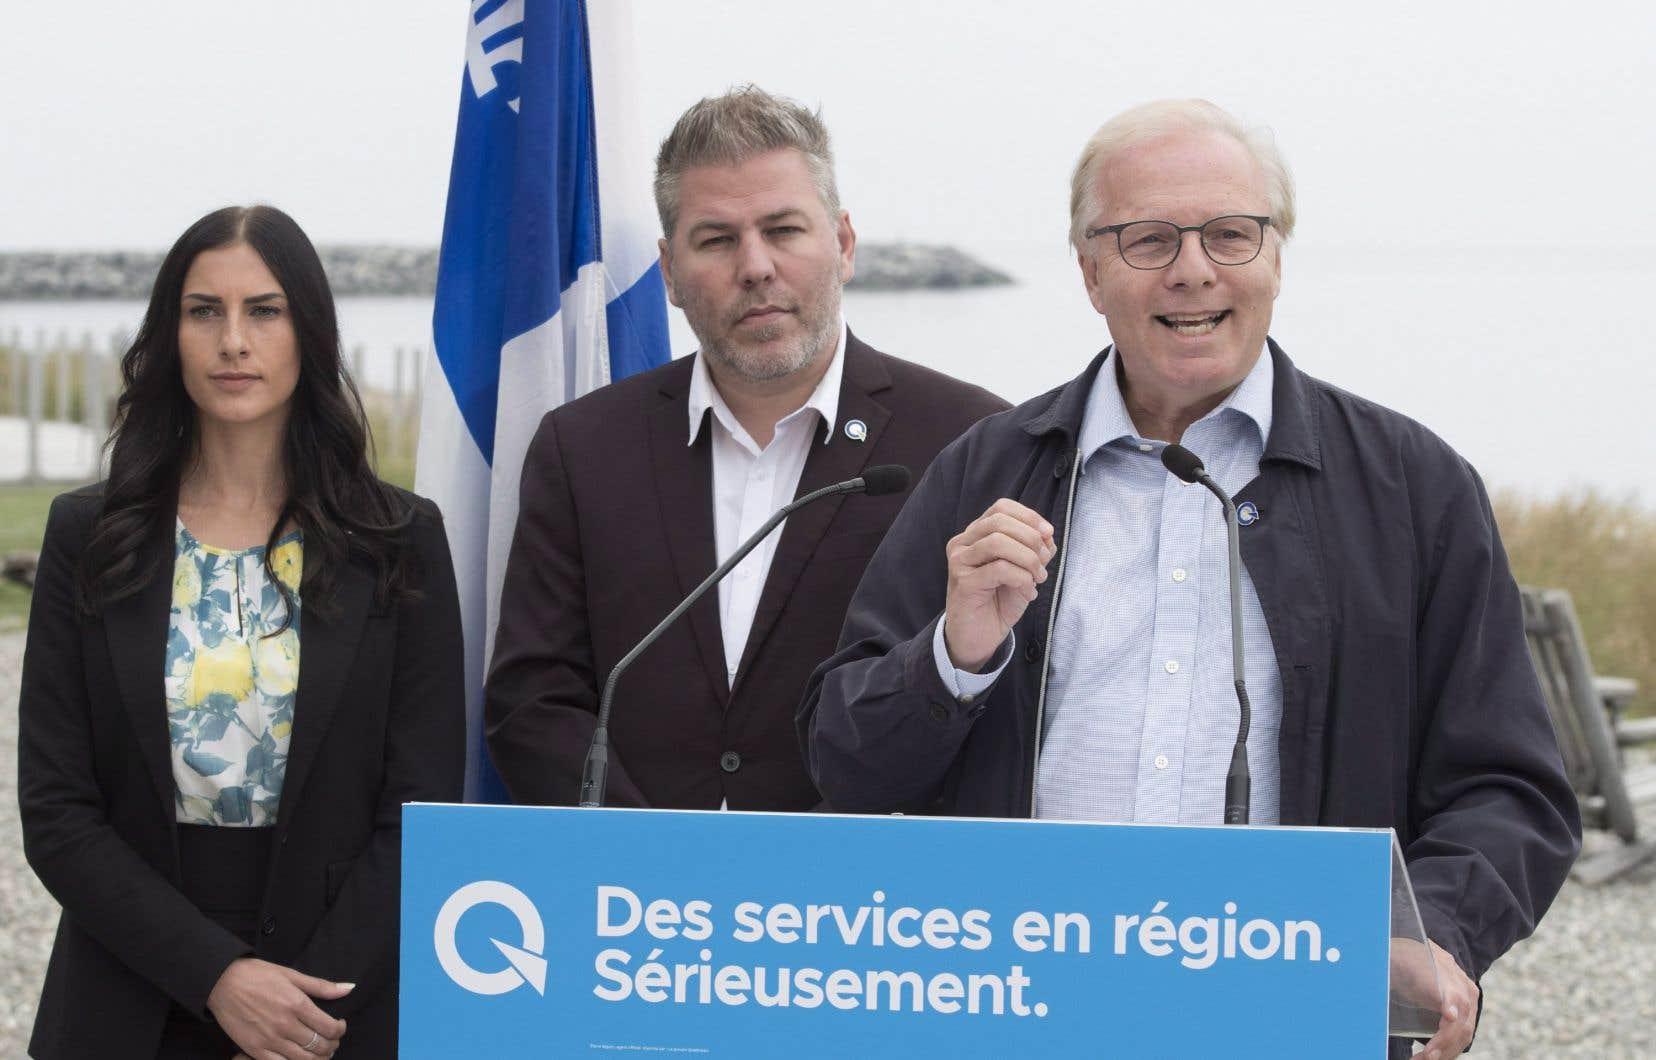 Le chef péquiste, Jean-François Lisée, était de passage à Matane lundi en compagnie des candidatsMéganne Perry Mélançon et Pascal Berubé.